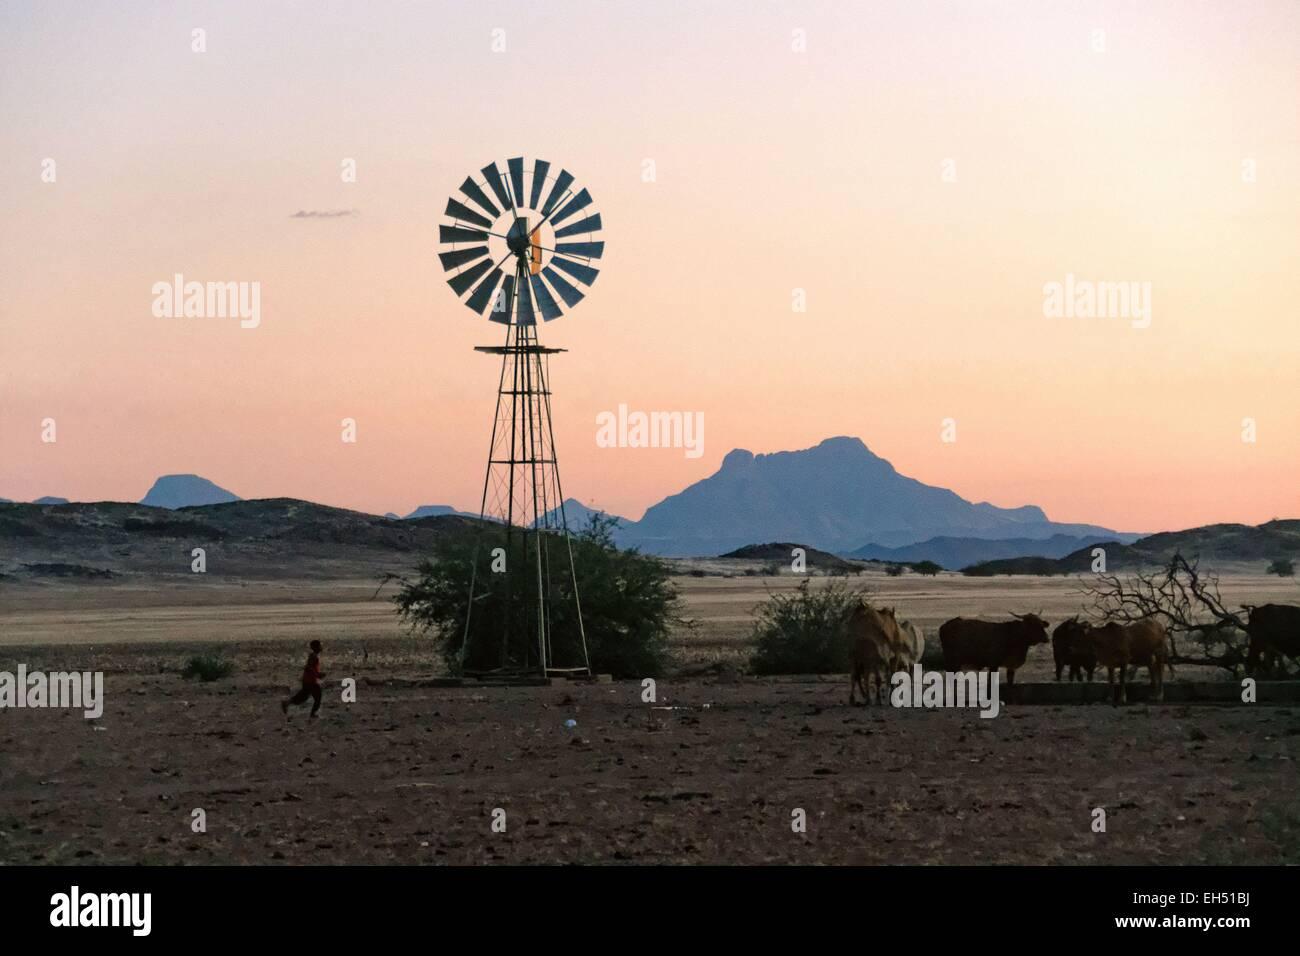 Namibia, Damaraland, thé road to Twyfeltontein - Stock Image